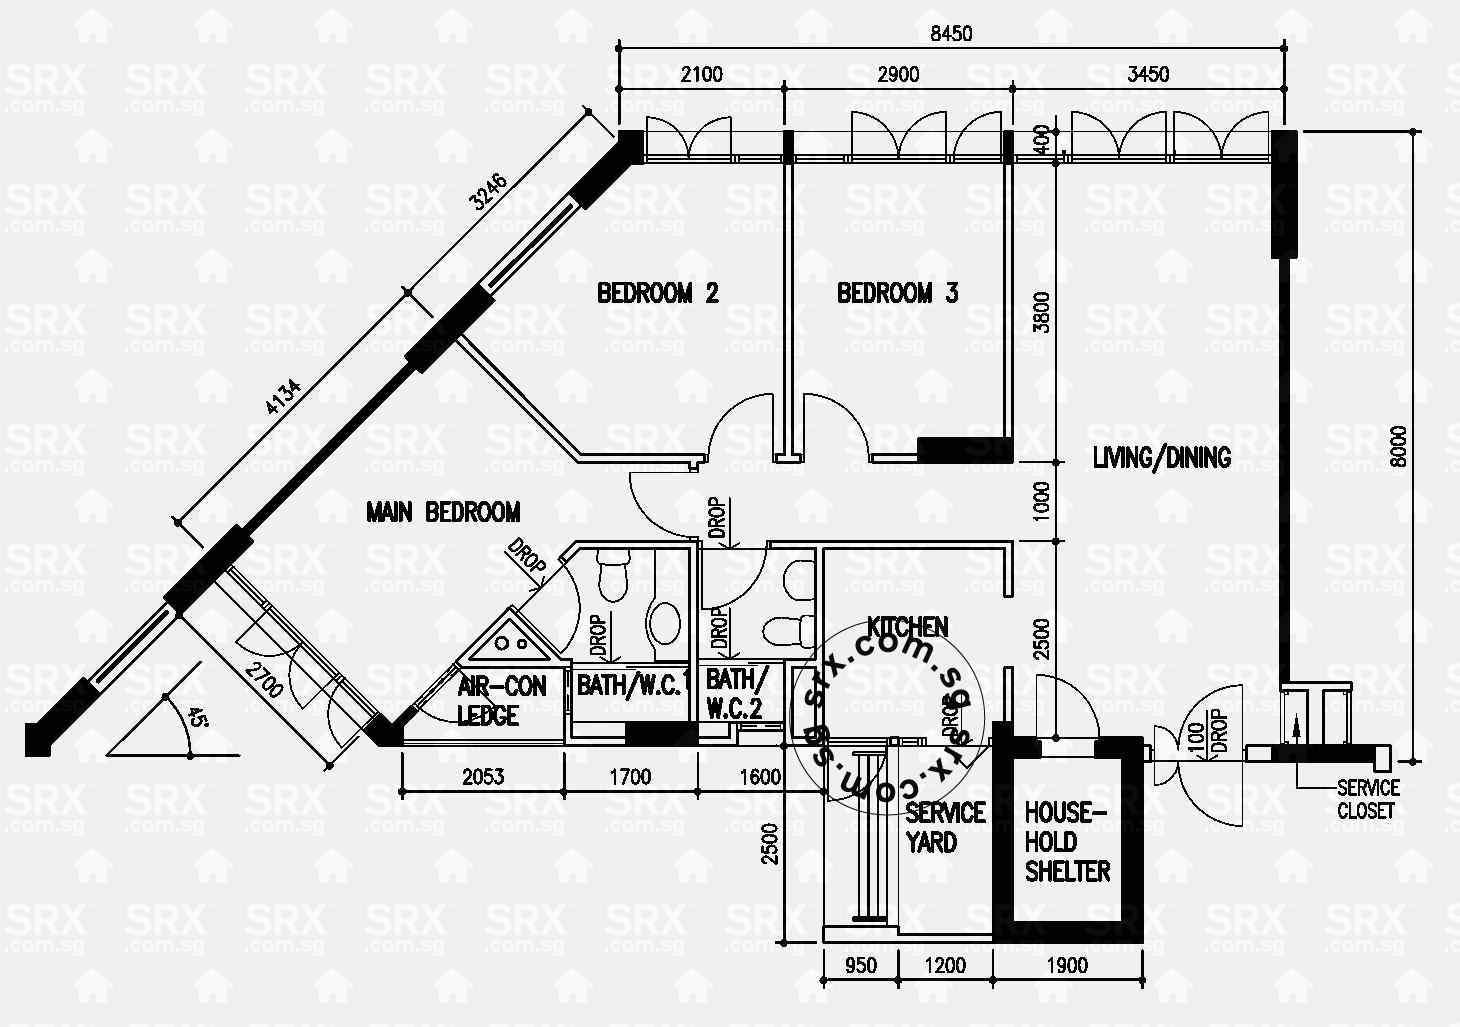 Punggol Drive Floor Plan Image #1